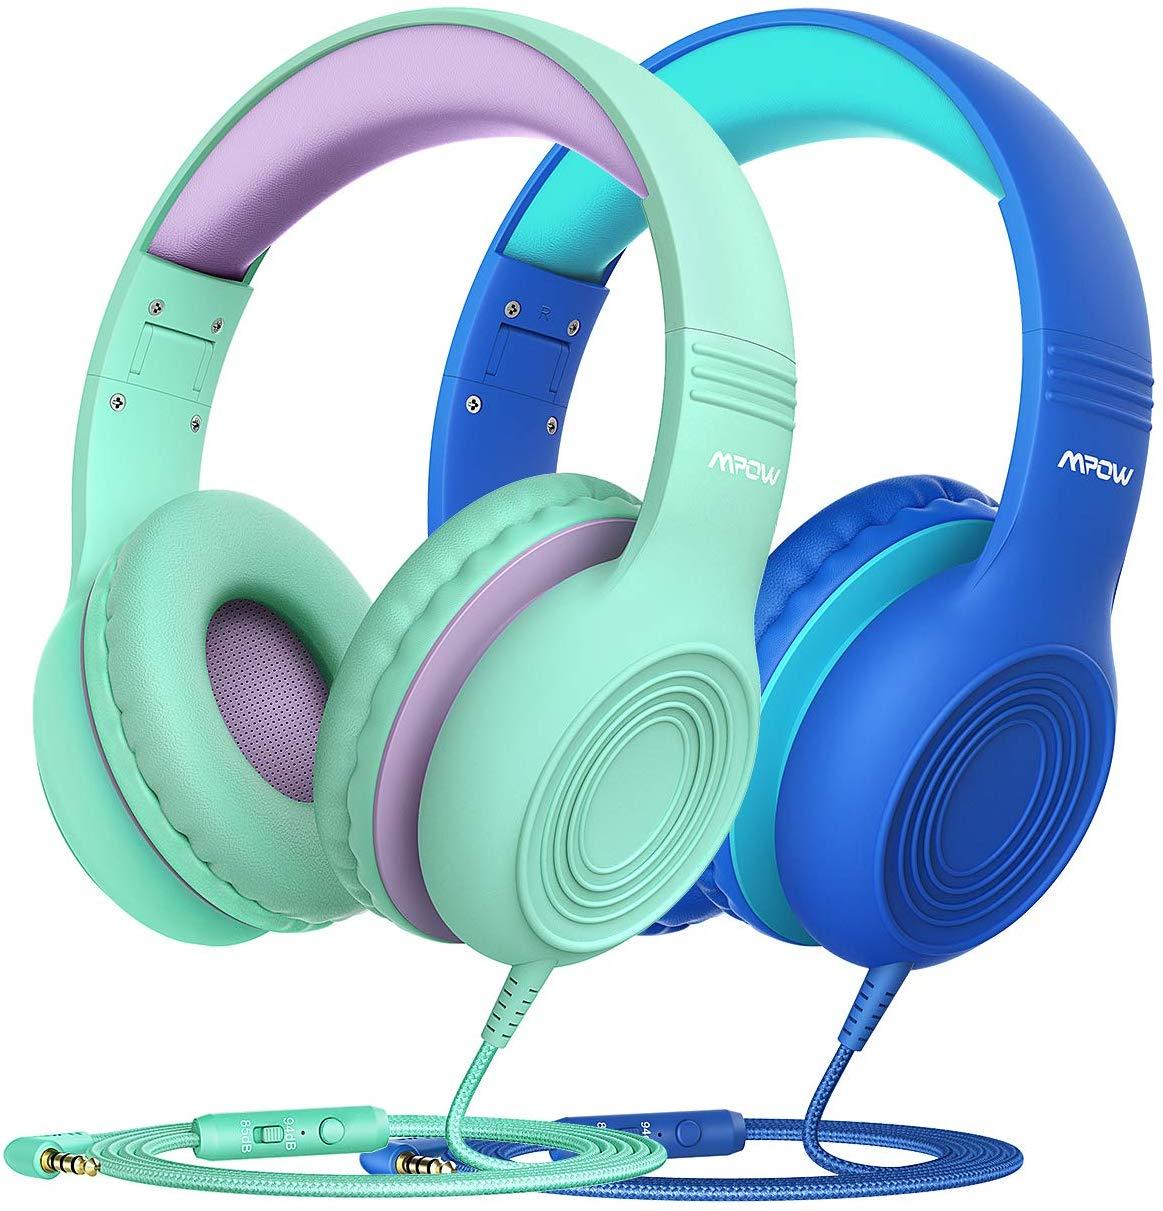 Lot de 2 Casques audio filaires Mpow CH6 pour Enfants (Limiteur de volume ON/OFF) avec Microphone intégré - Bleu + Vert (Vendeur tiers)